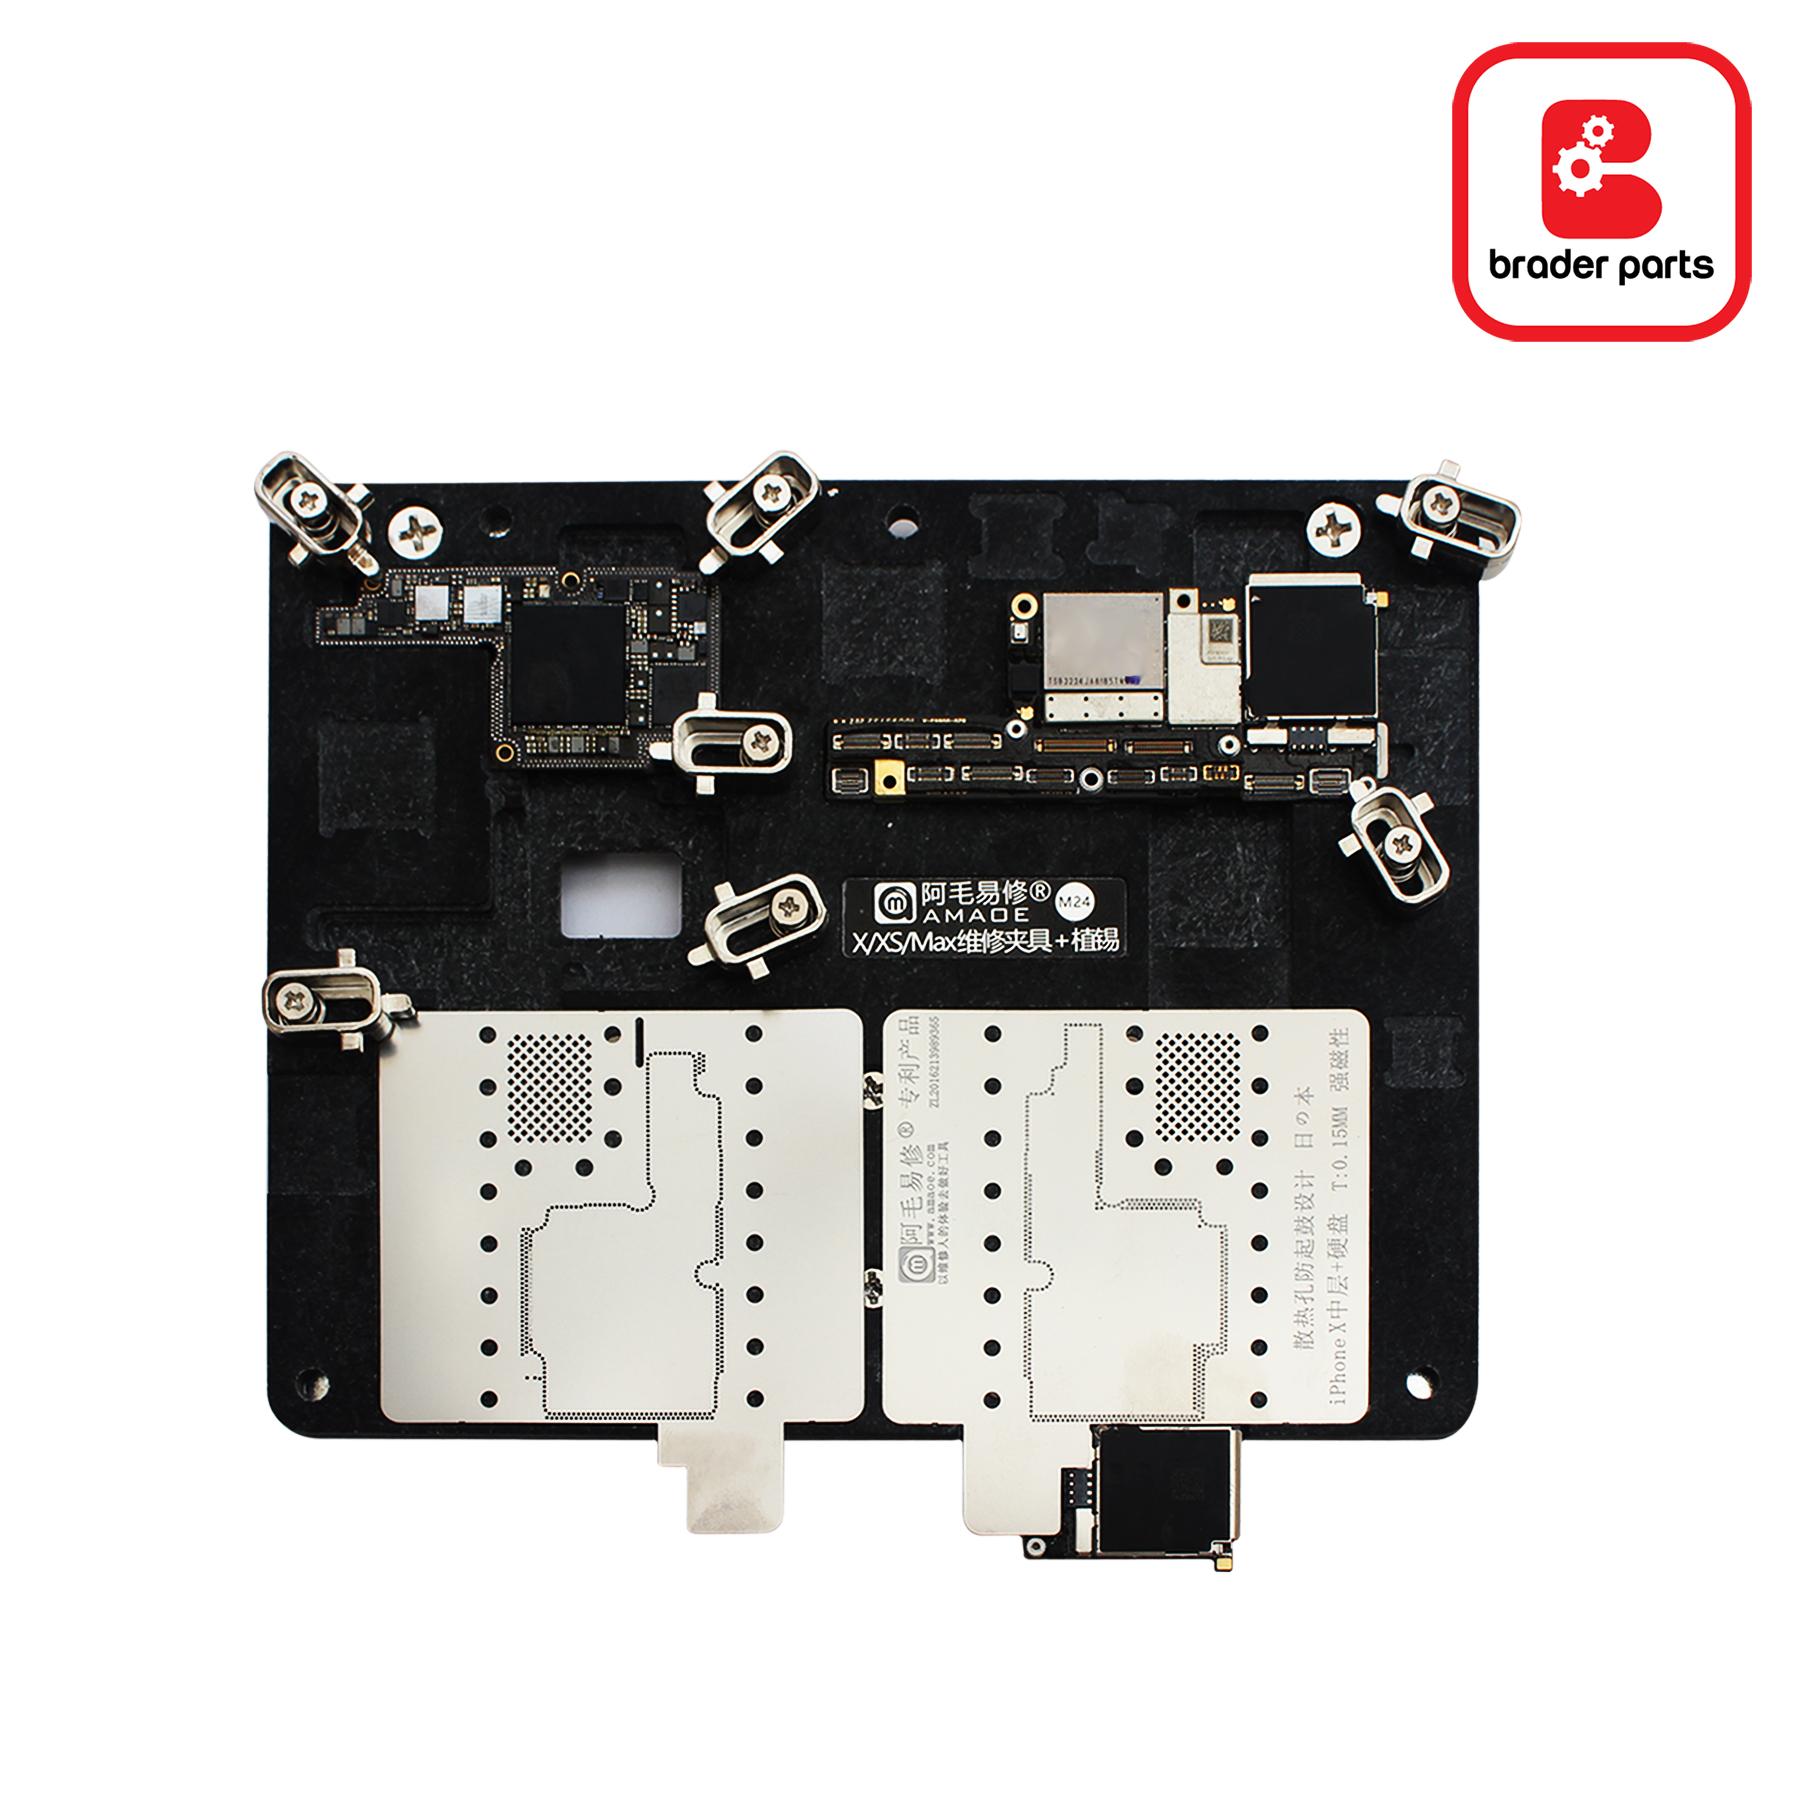 Pcb Holder iPhone X / Xs / Xs Max Amaoe M24